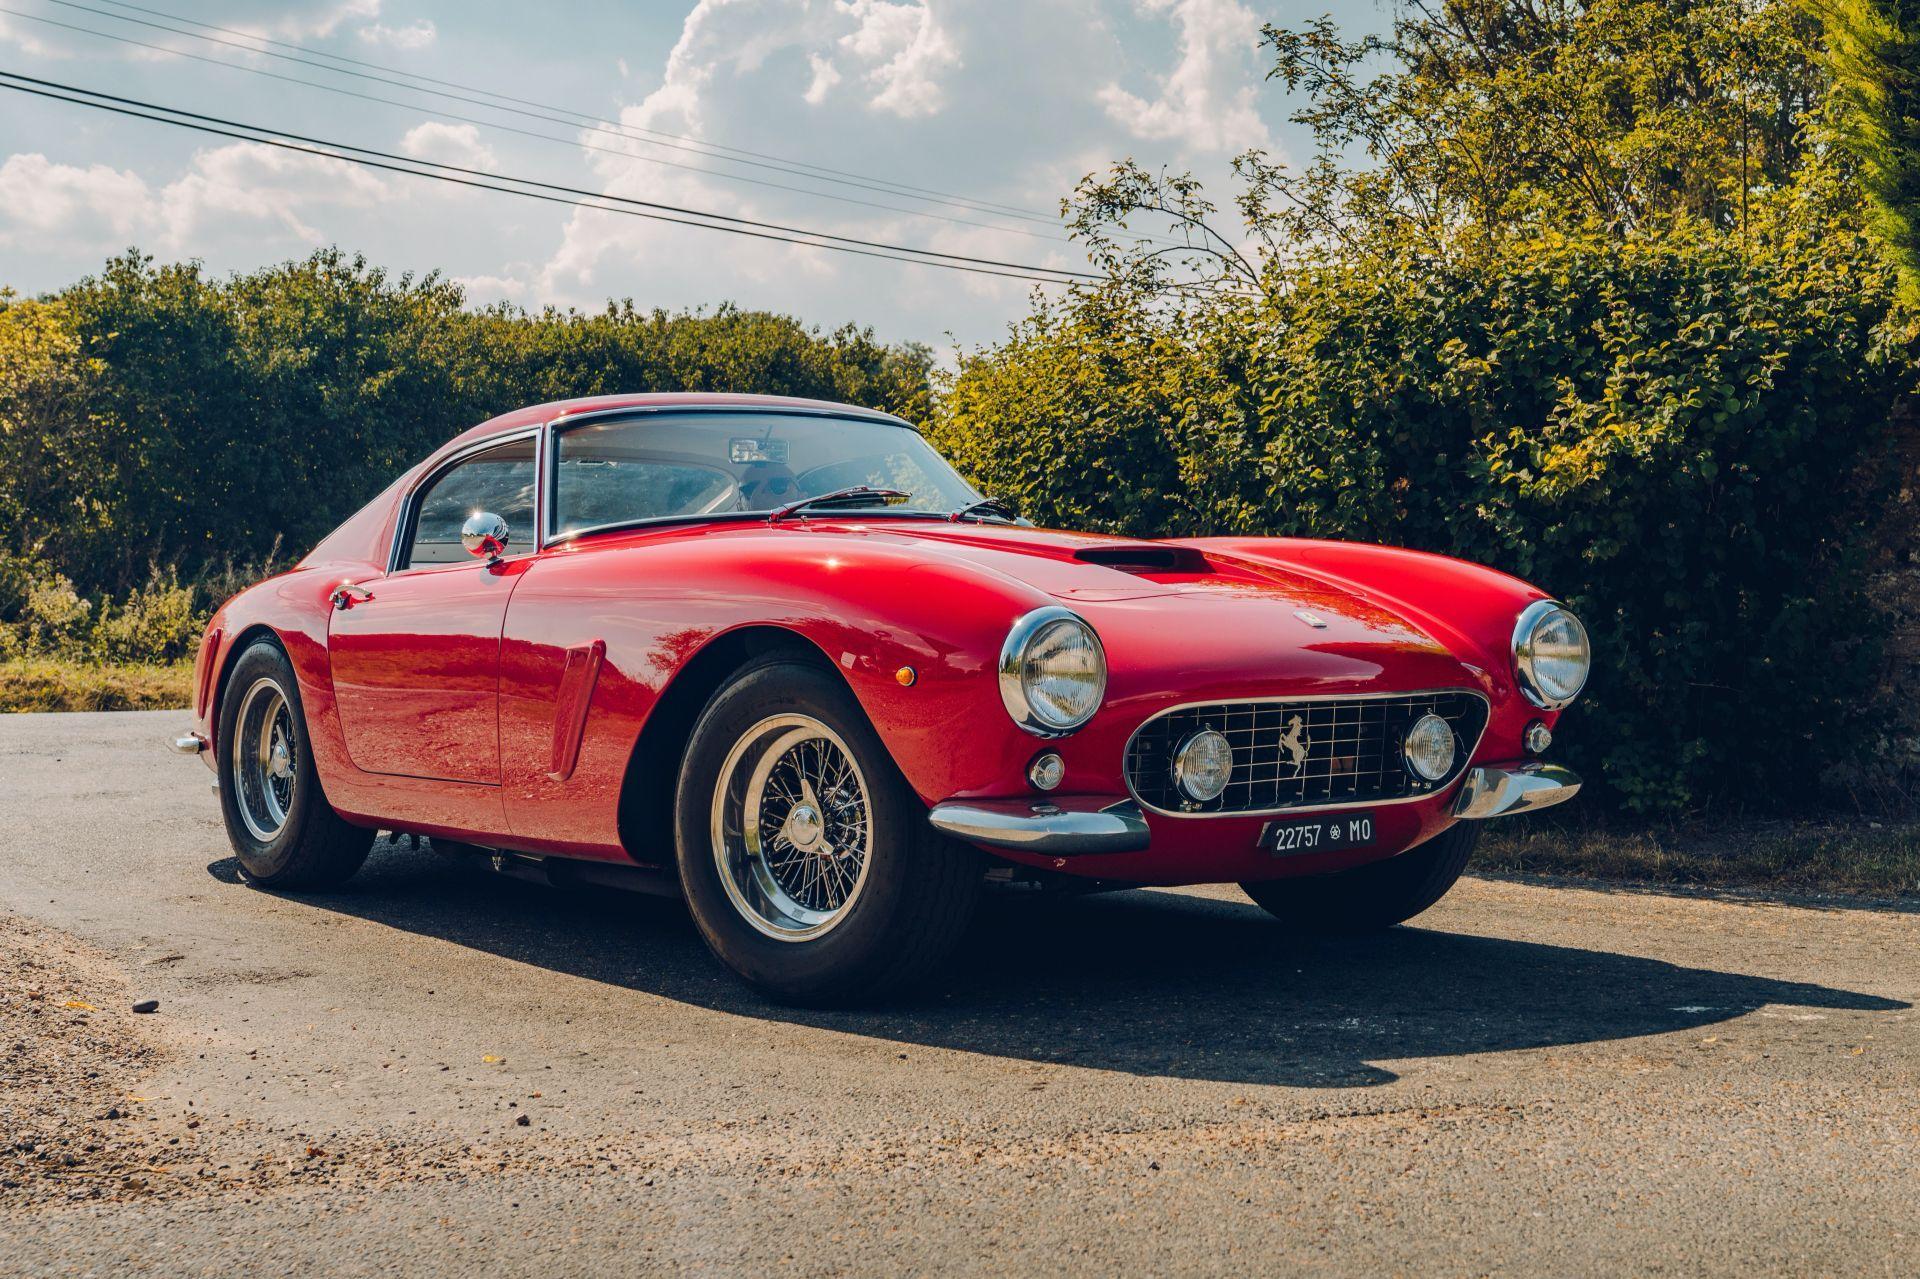 Ferrari-250-GT-SWB-Berlinetta-Competizione-Revival-by-GTO-Engineering-51